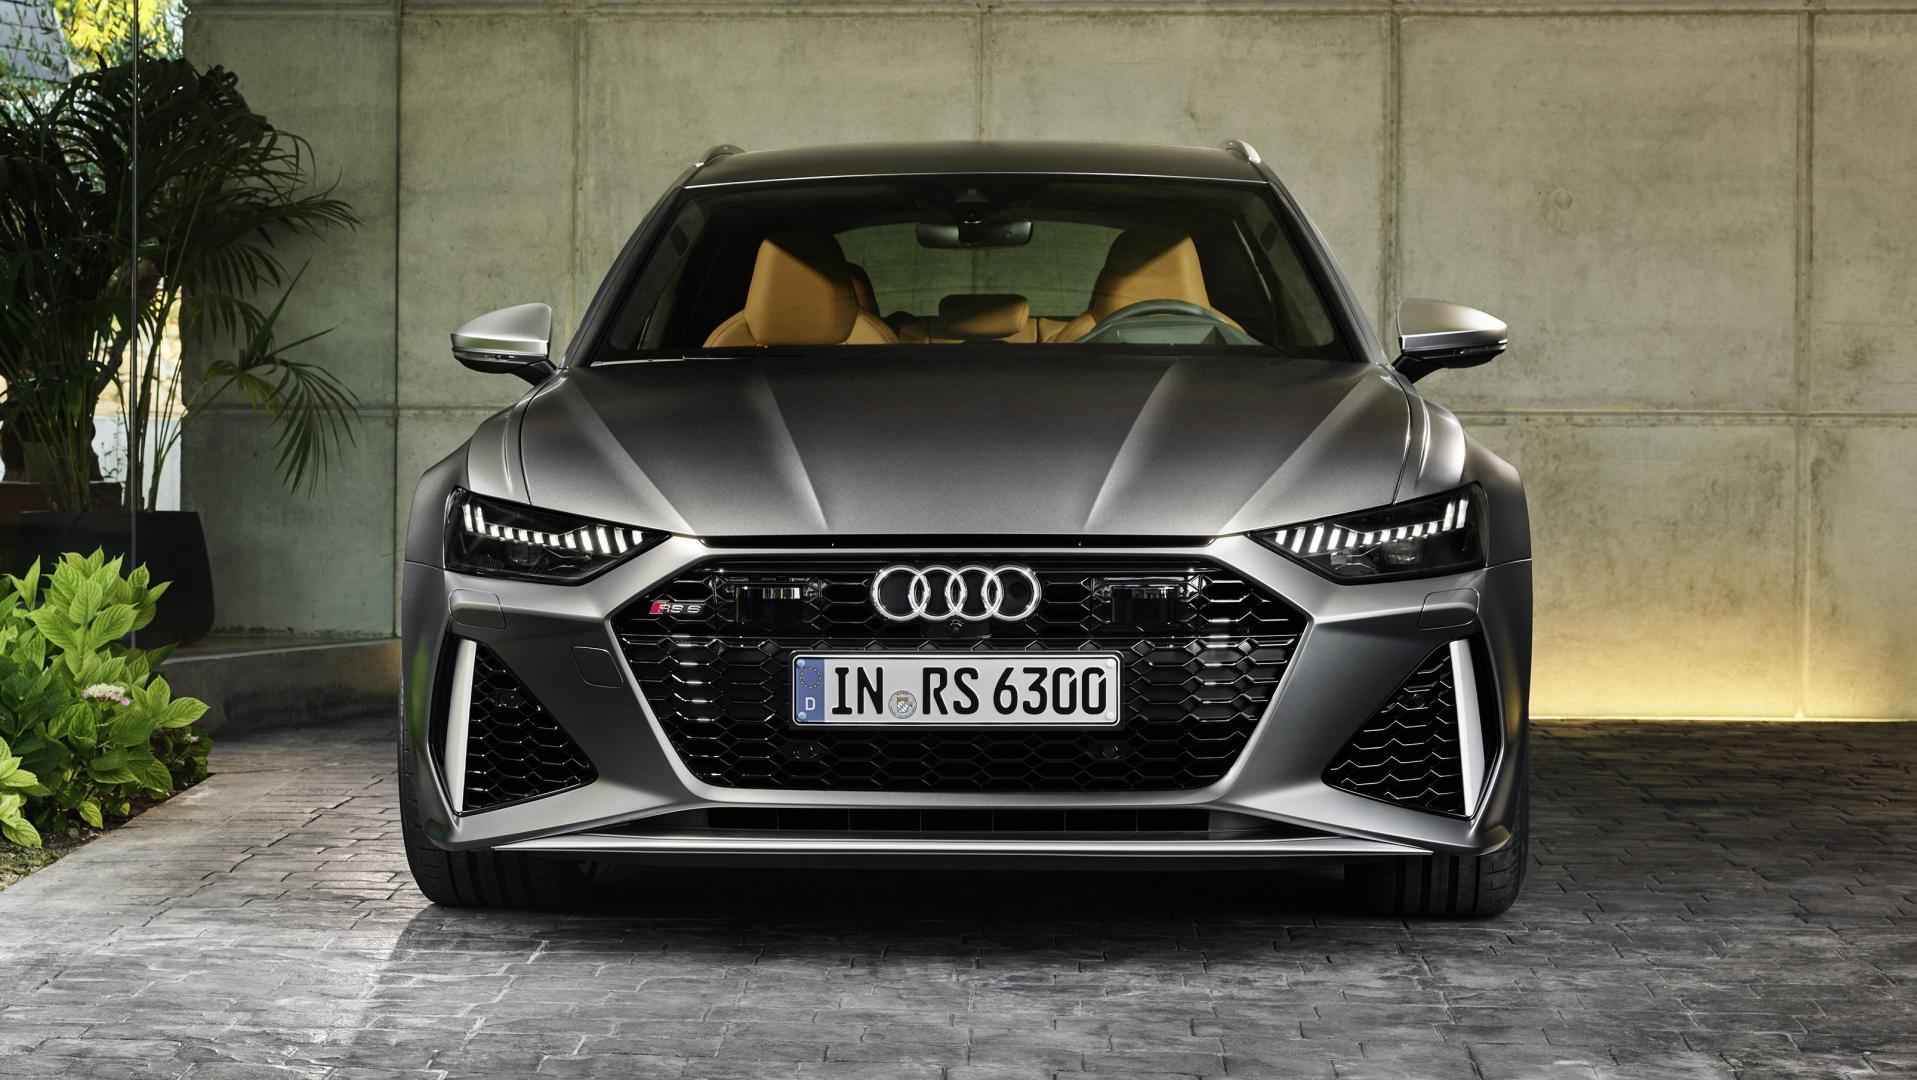 Audi RS 6 2019 oprit carport